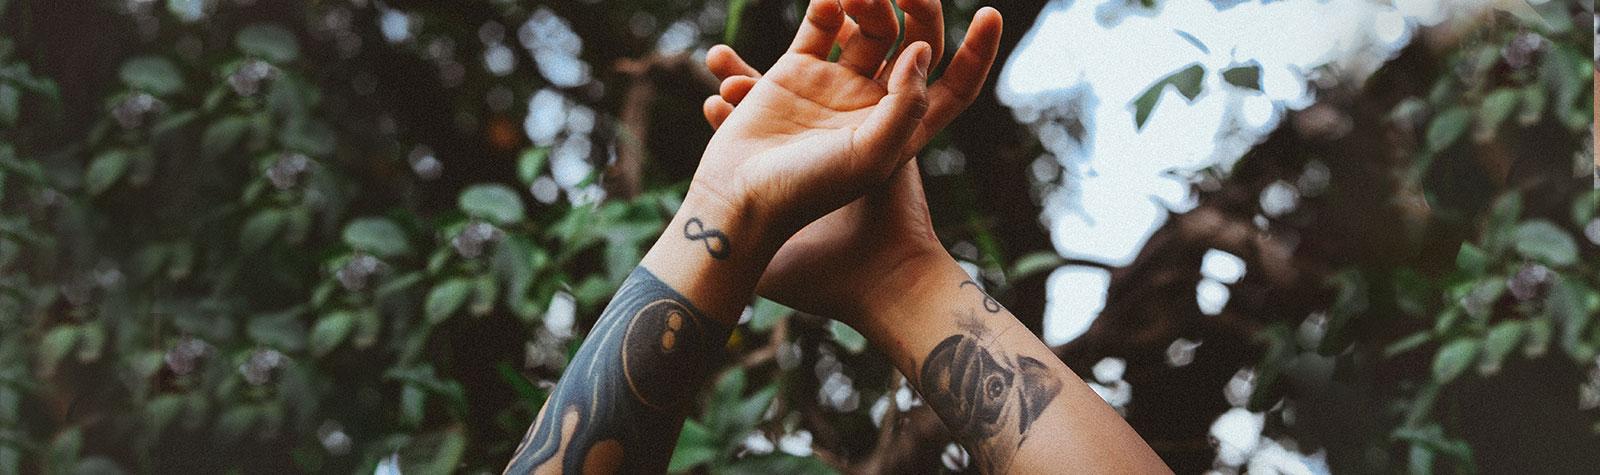 Escolher o tatuador? Saiba o que é importante